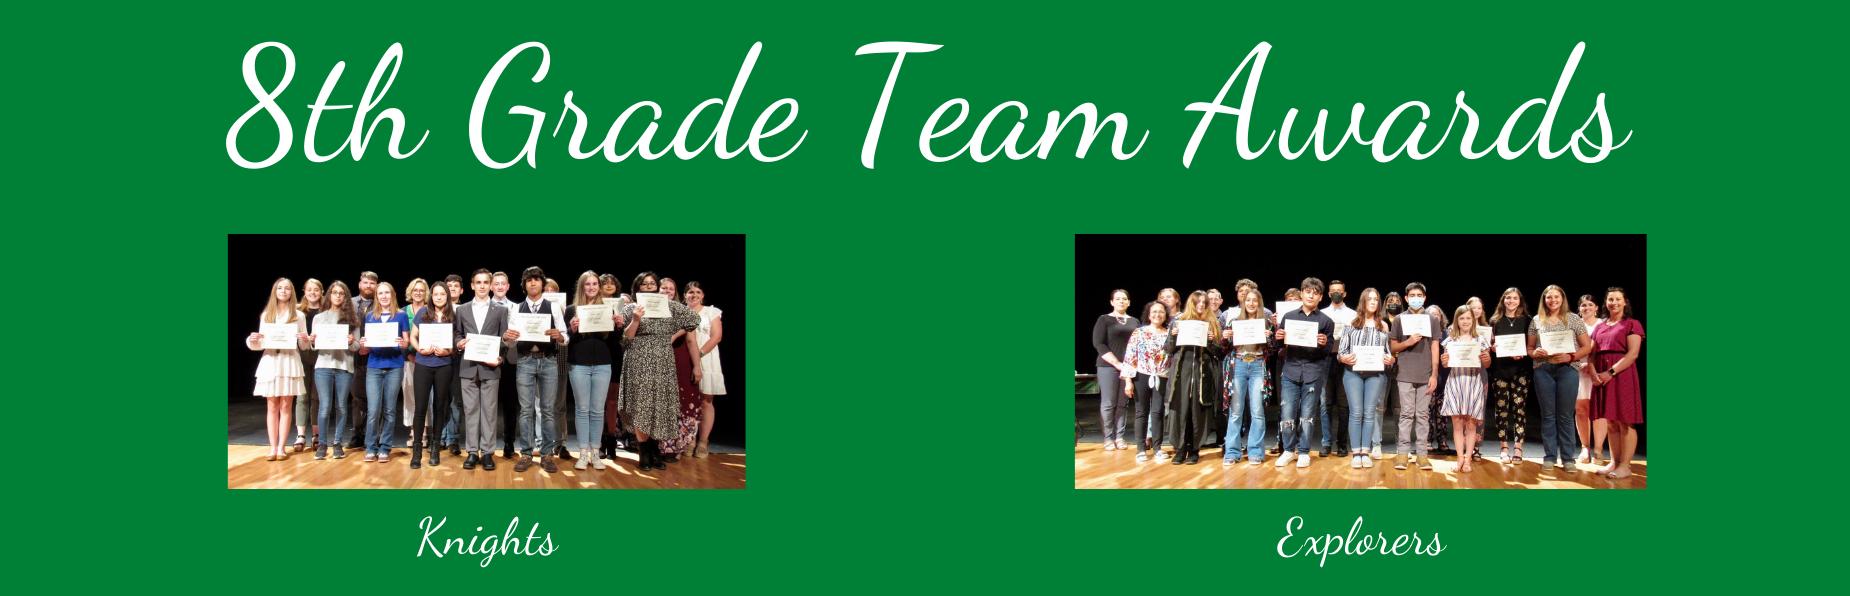 8th grade team awards